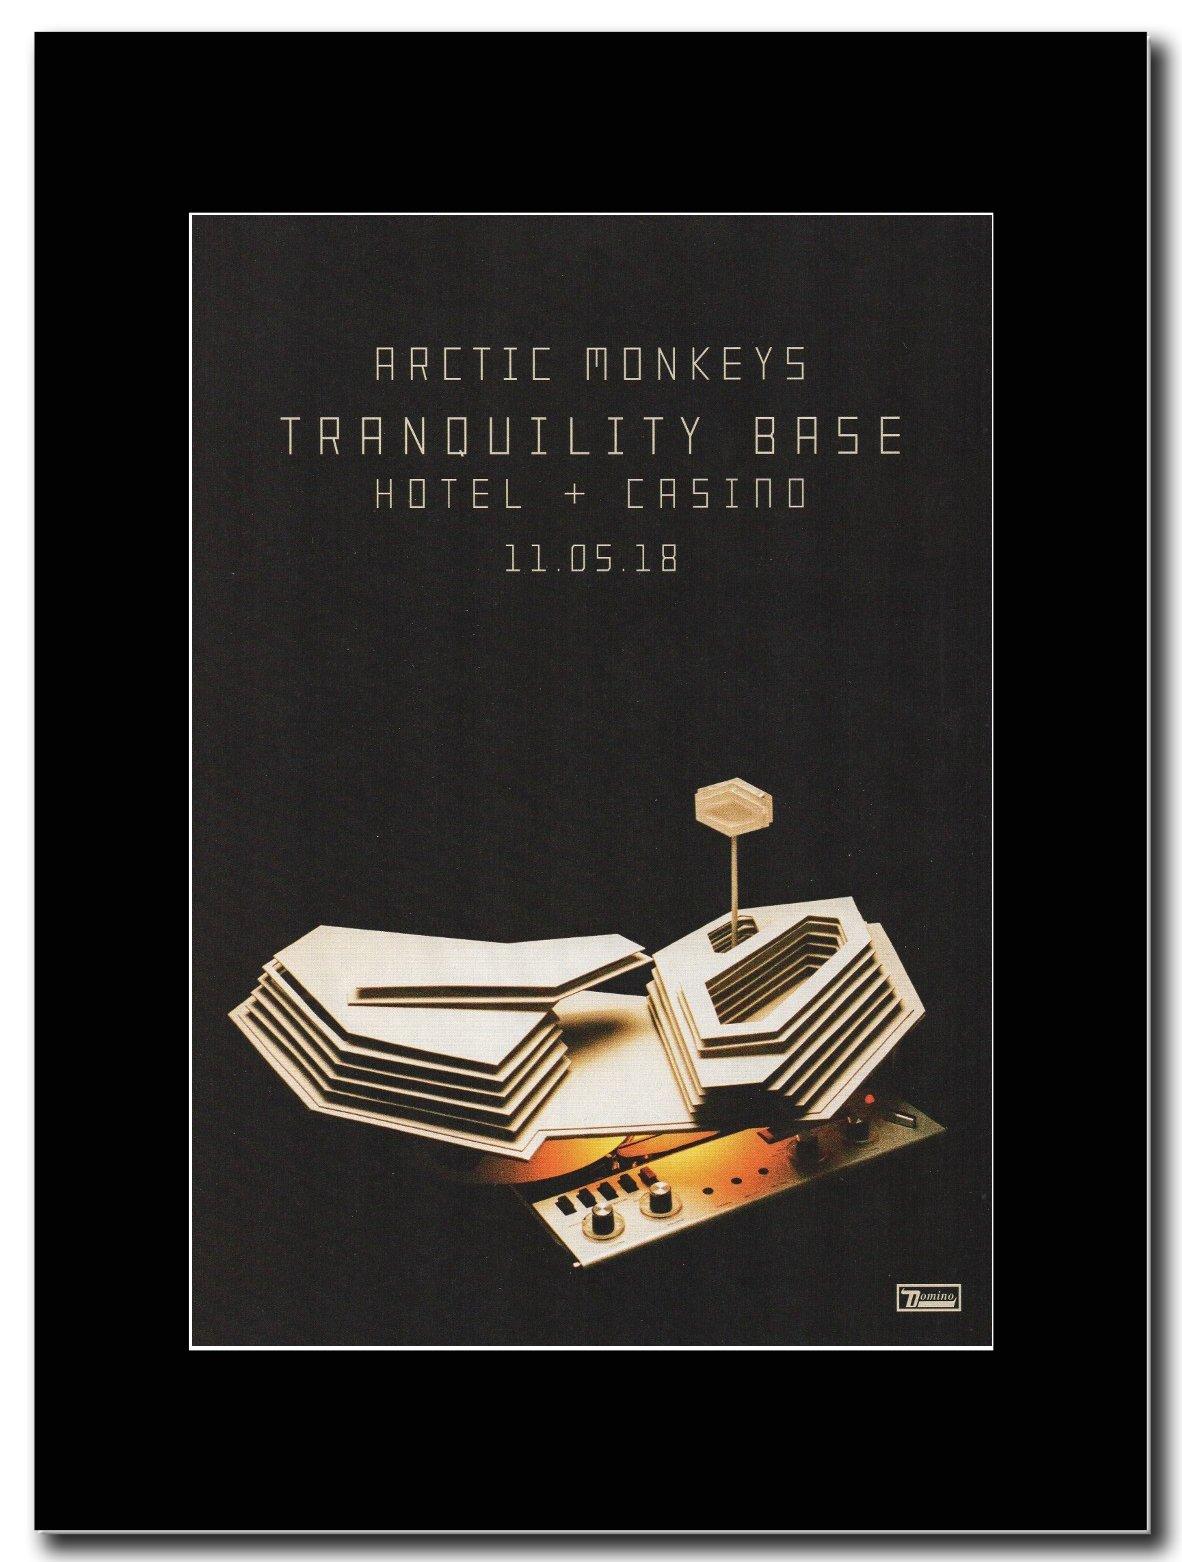 - Arctic Monkeys - Tranquility Base Hotel & Casino. - Magazine Promo on a Black Mount